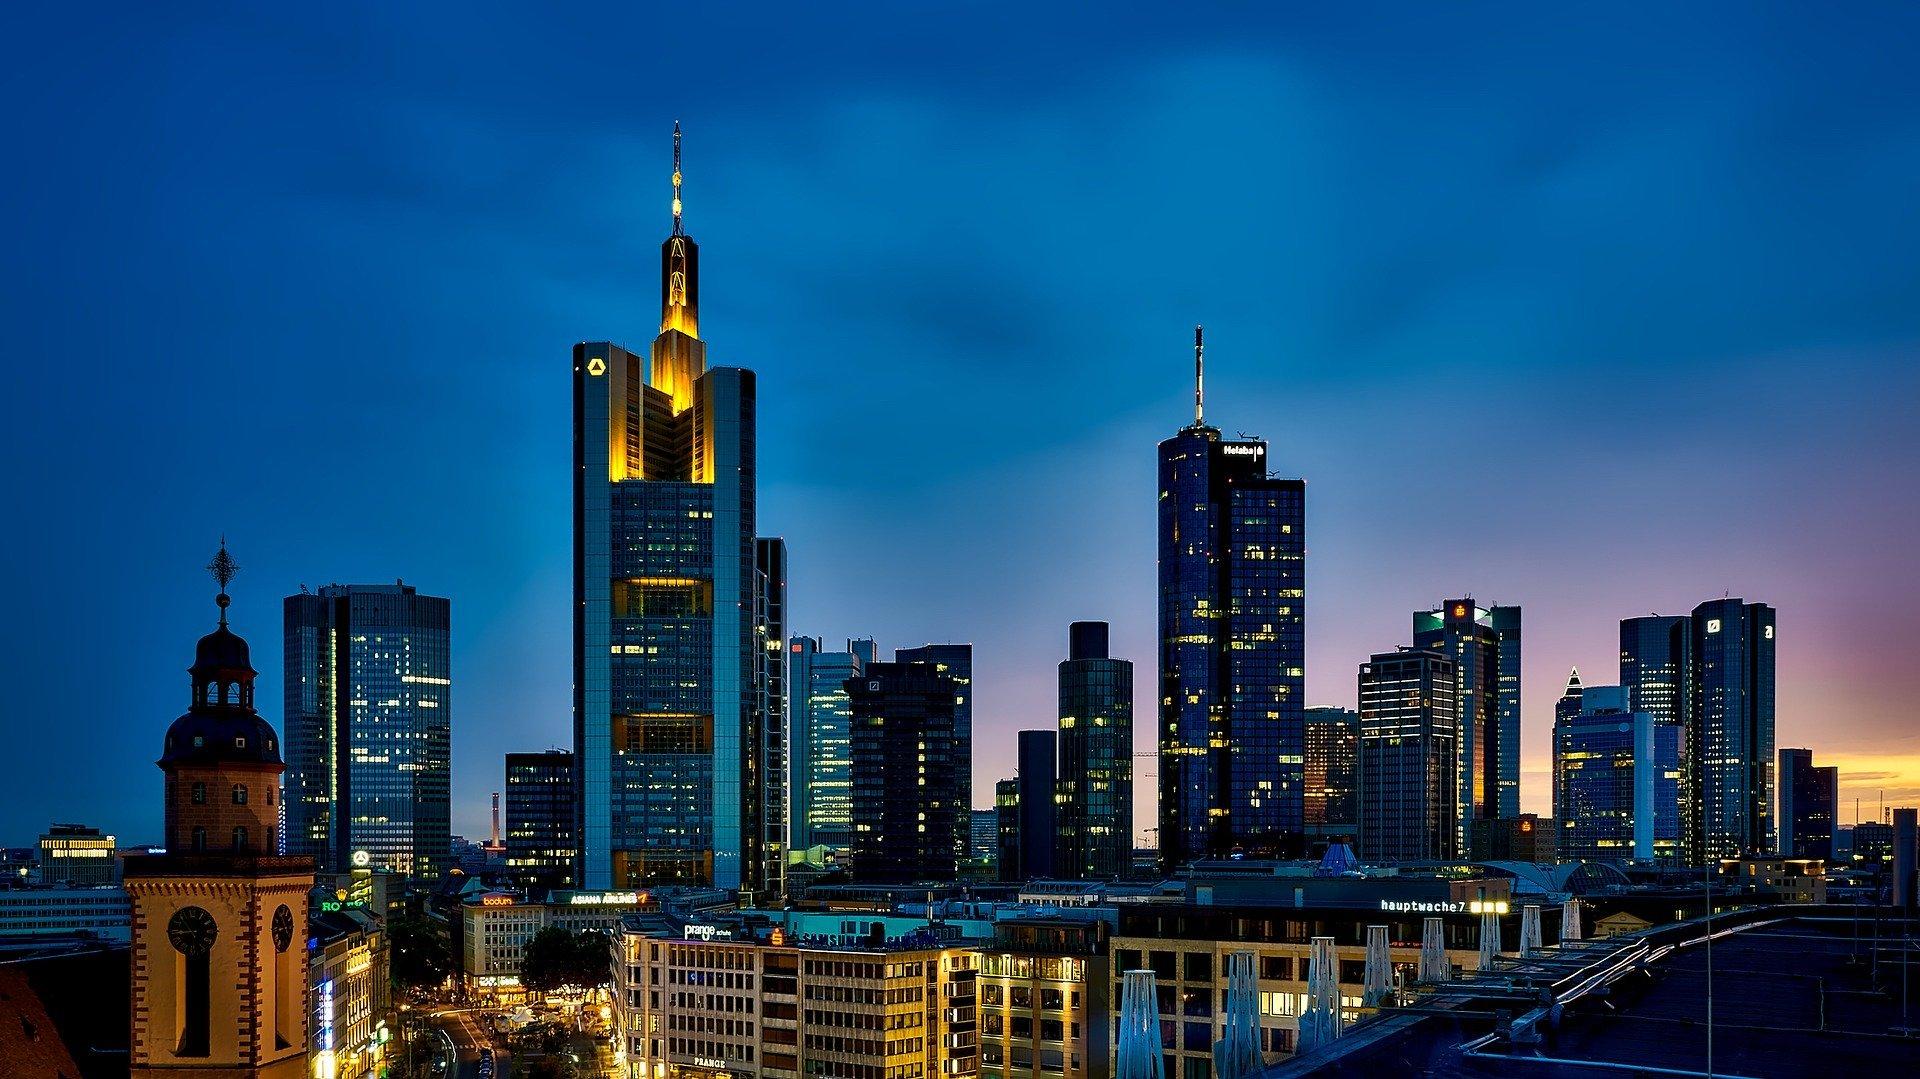 Germania: +10 euro la tonnellata per il rottame – Secondo aumento mensile consecutivo per la materia prima